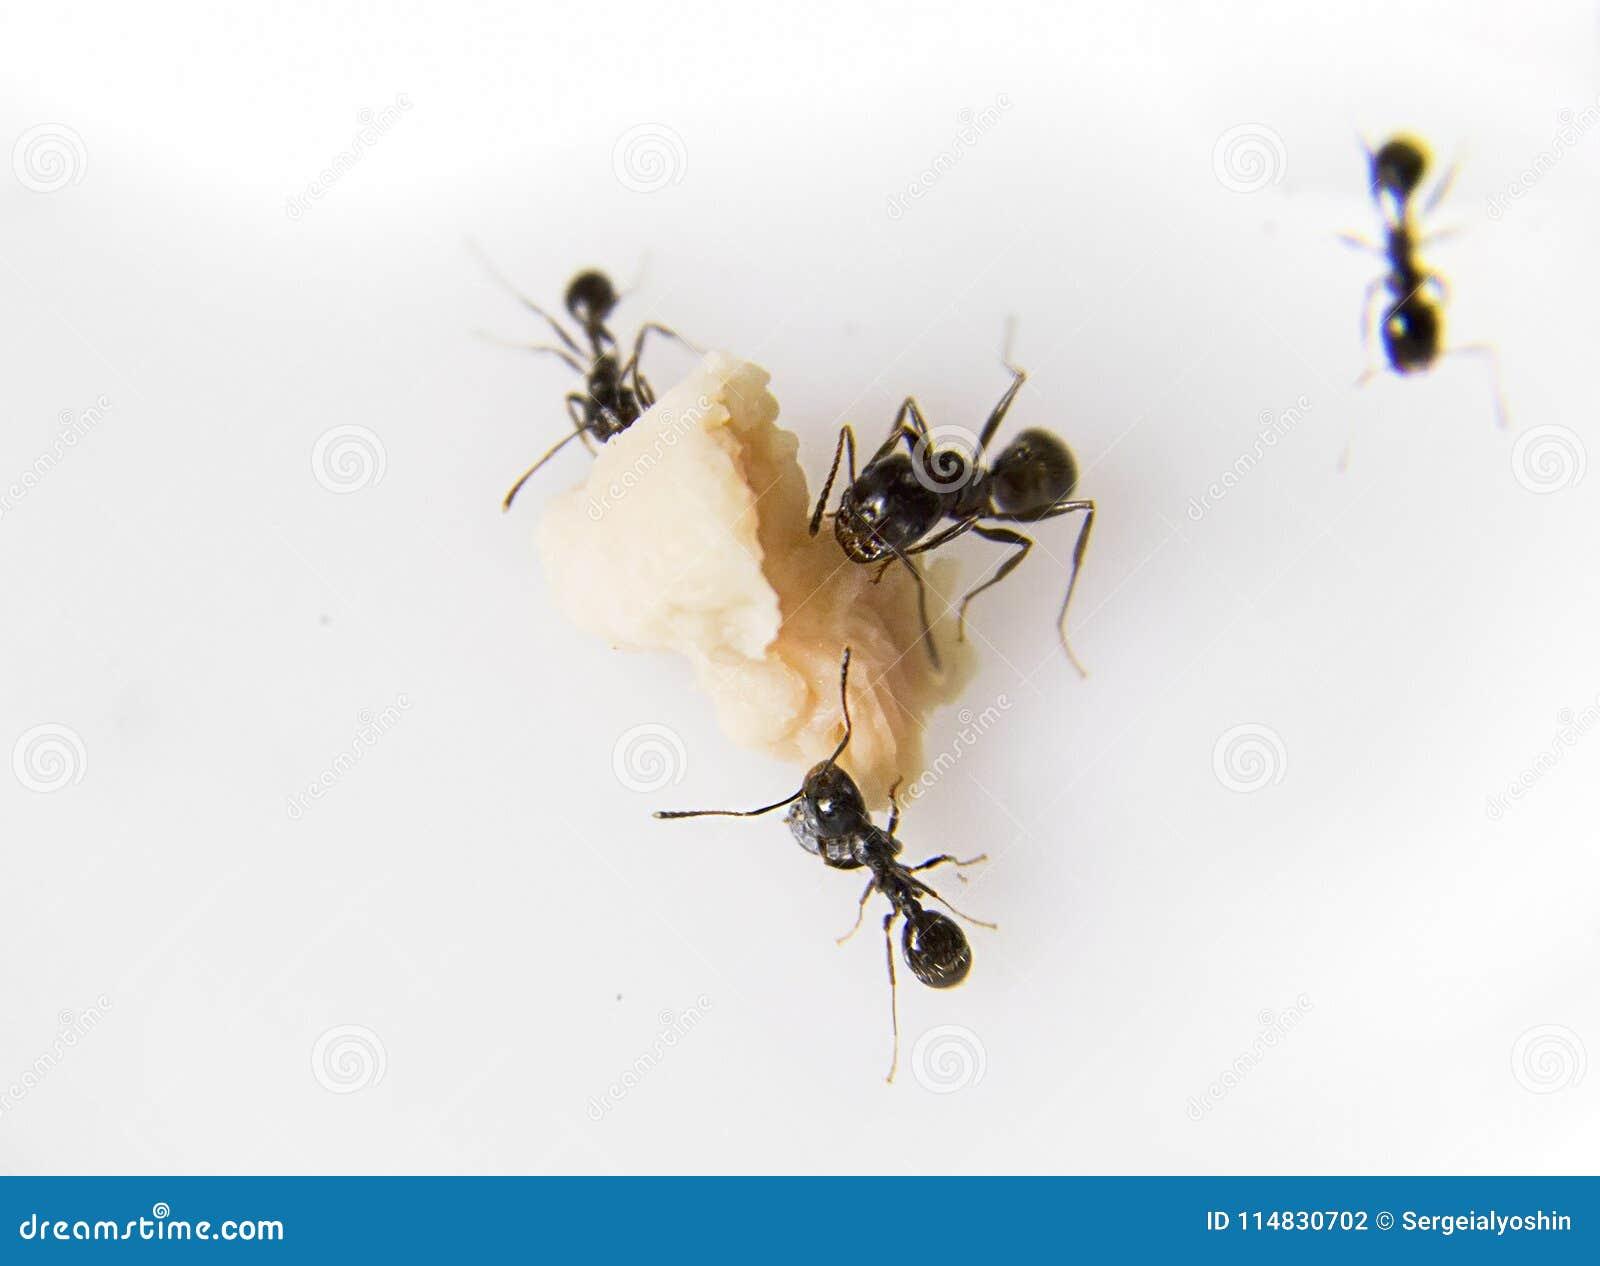 Berühmt Ameisen In Der Küche Bilder - Ideen Für Die Küche Dekoration ...